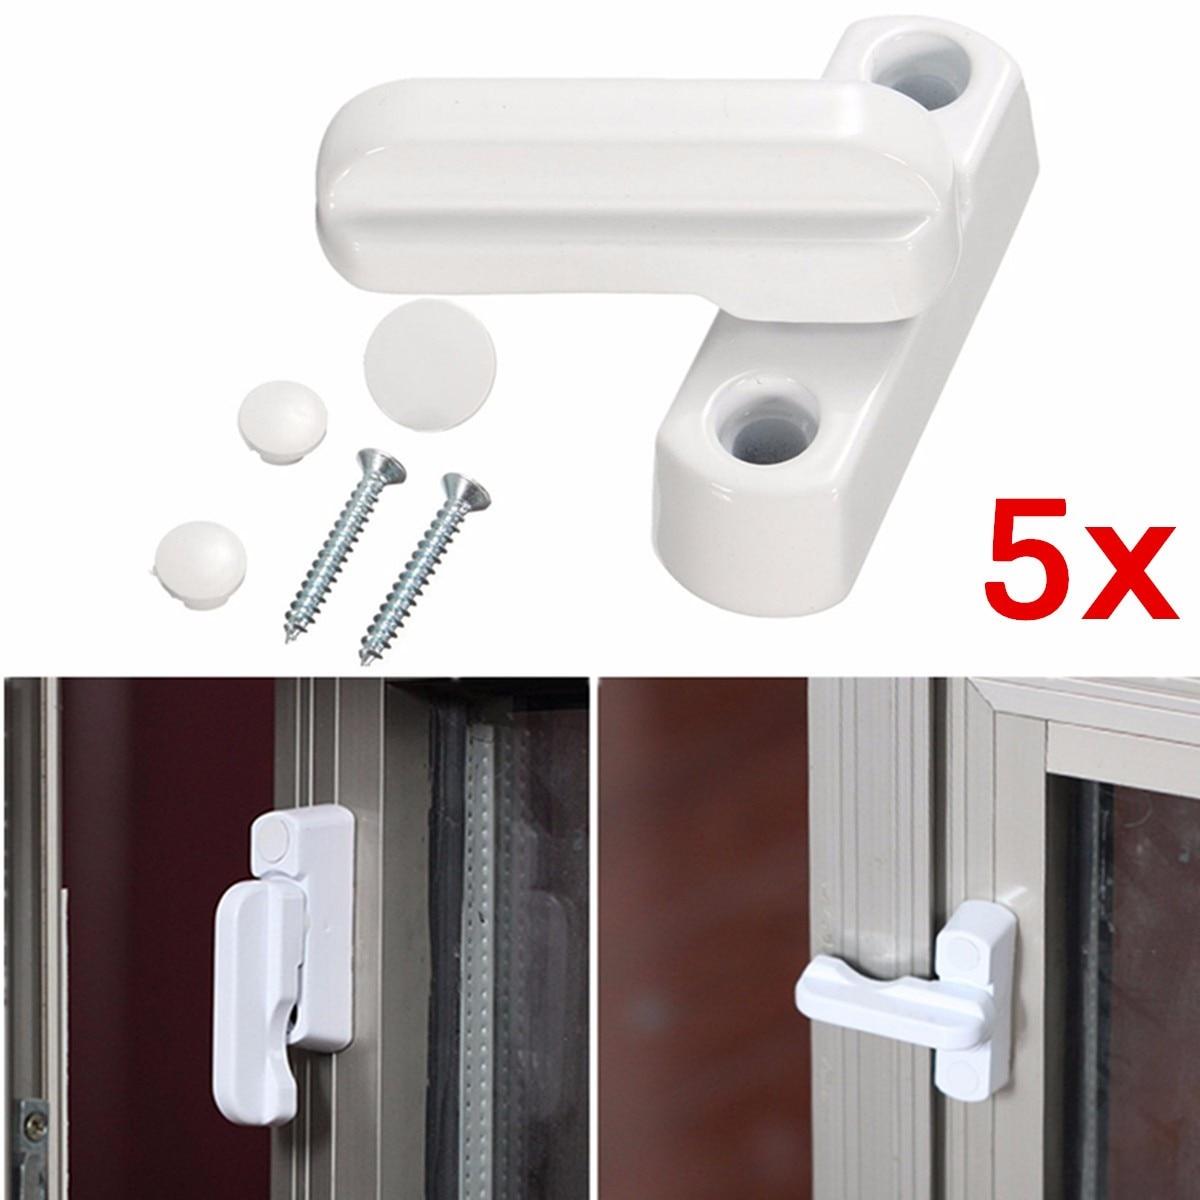 5 uds gran oferta UPVC aluminio antirrobo ventanas cerradura puerta ventana Sash Jammers Extra seguridad cerradura oscilante Latch casa con seguridad